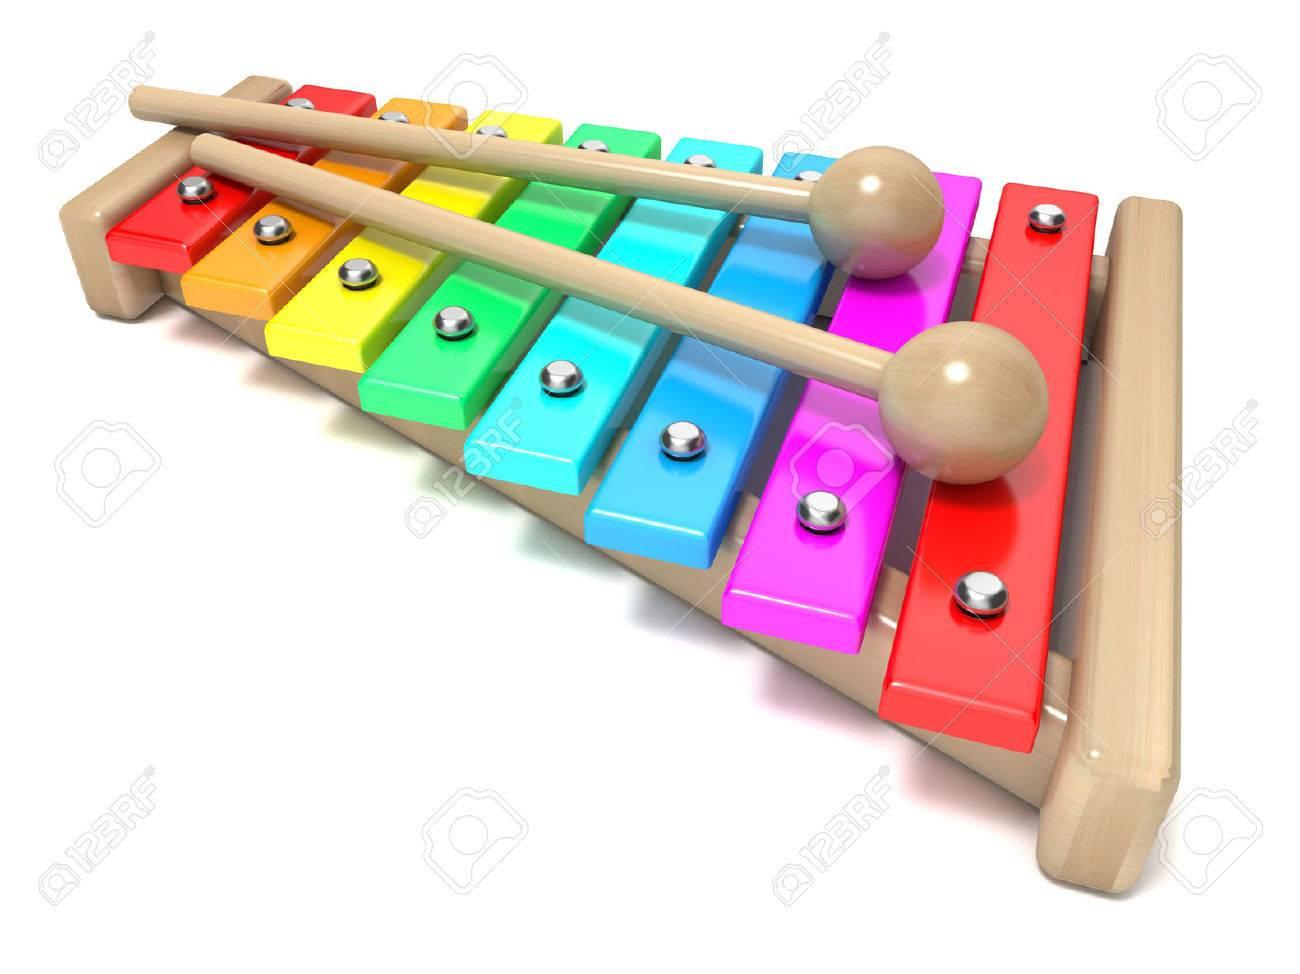 Del Arco Xilófono Aislado Render Colores Dos Baquetas Fondo Instrumento De Iris En BlancoJuguete Con Y Madera3d Teclas wOvmNn80